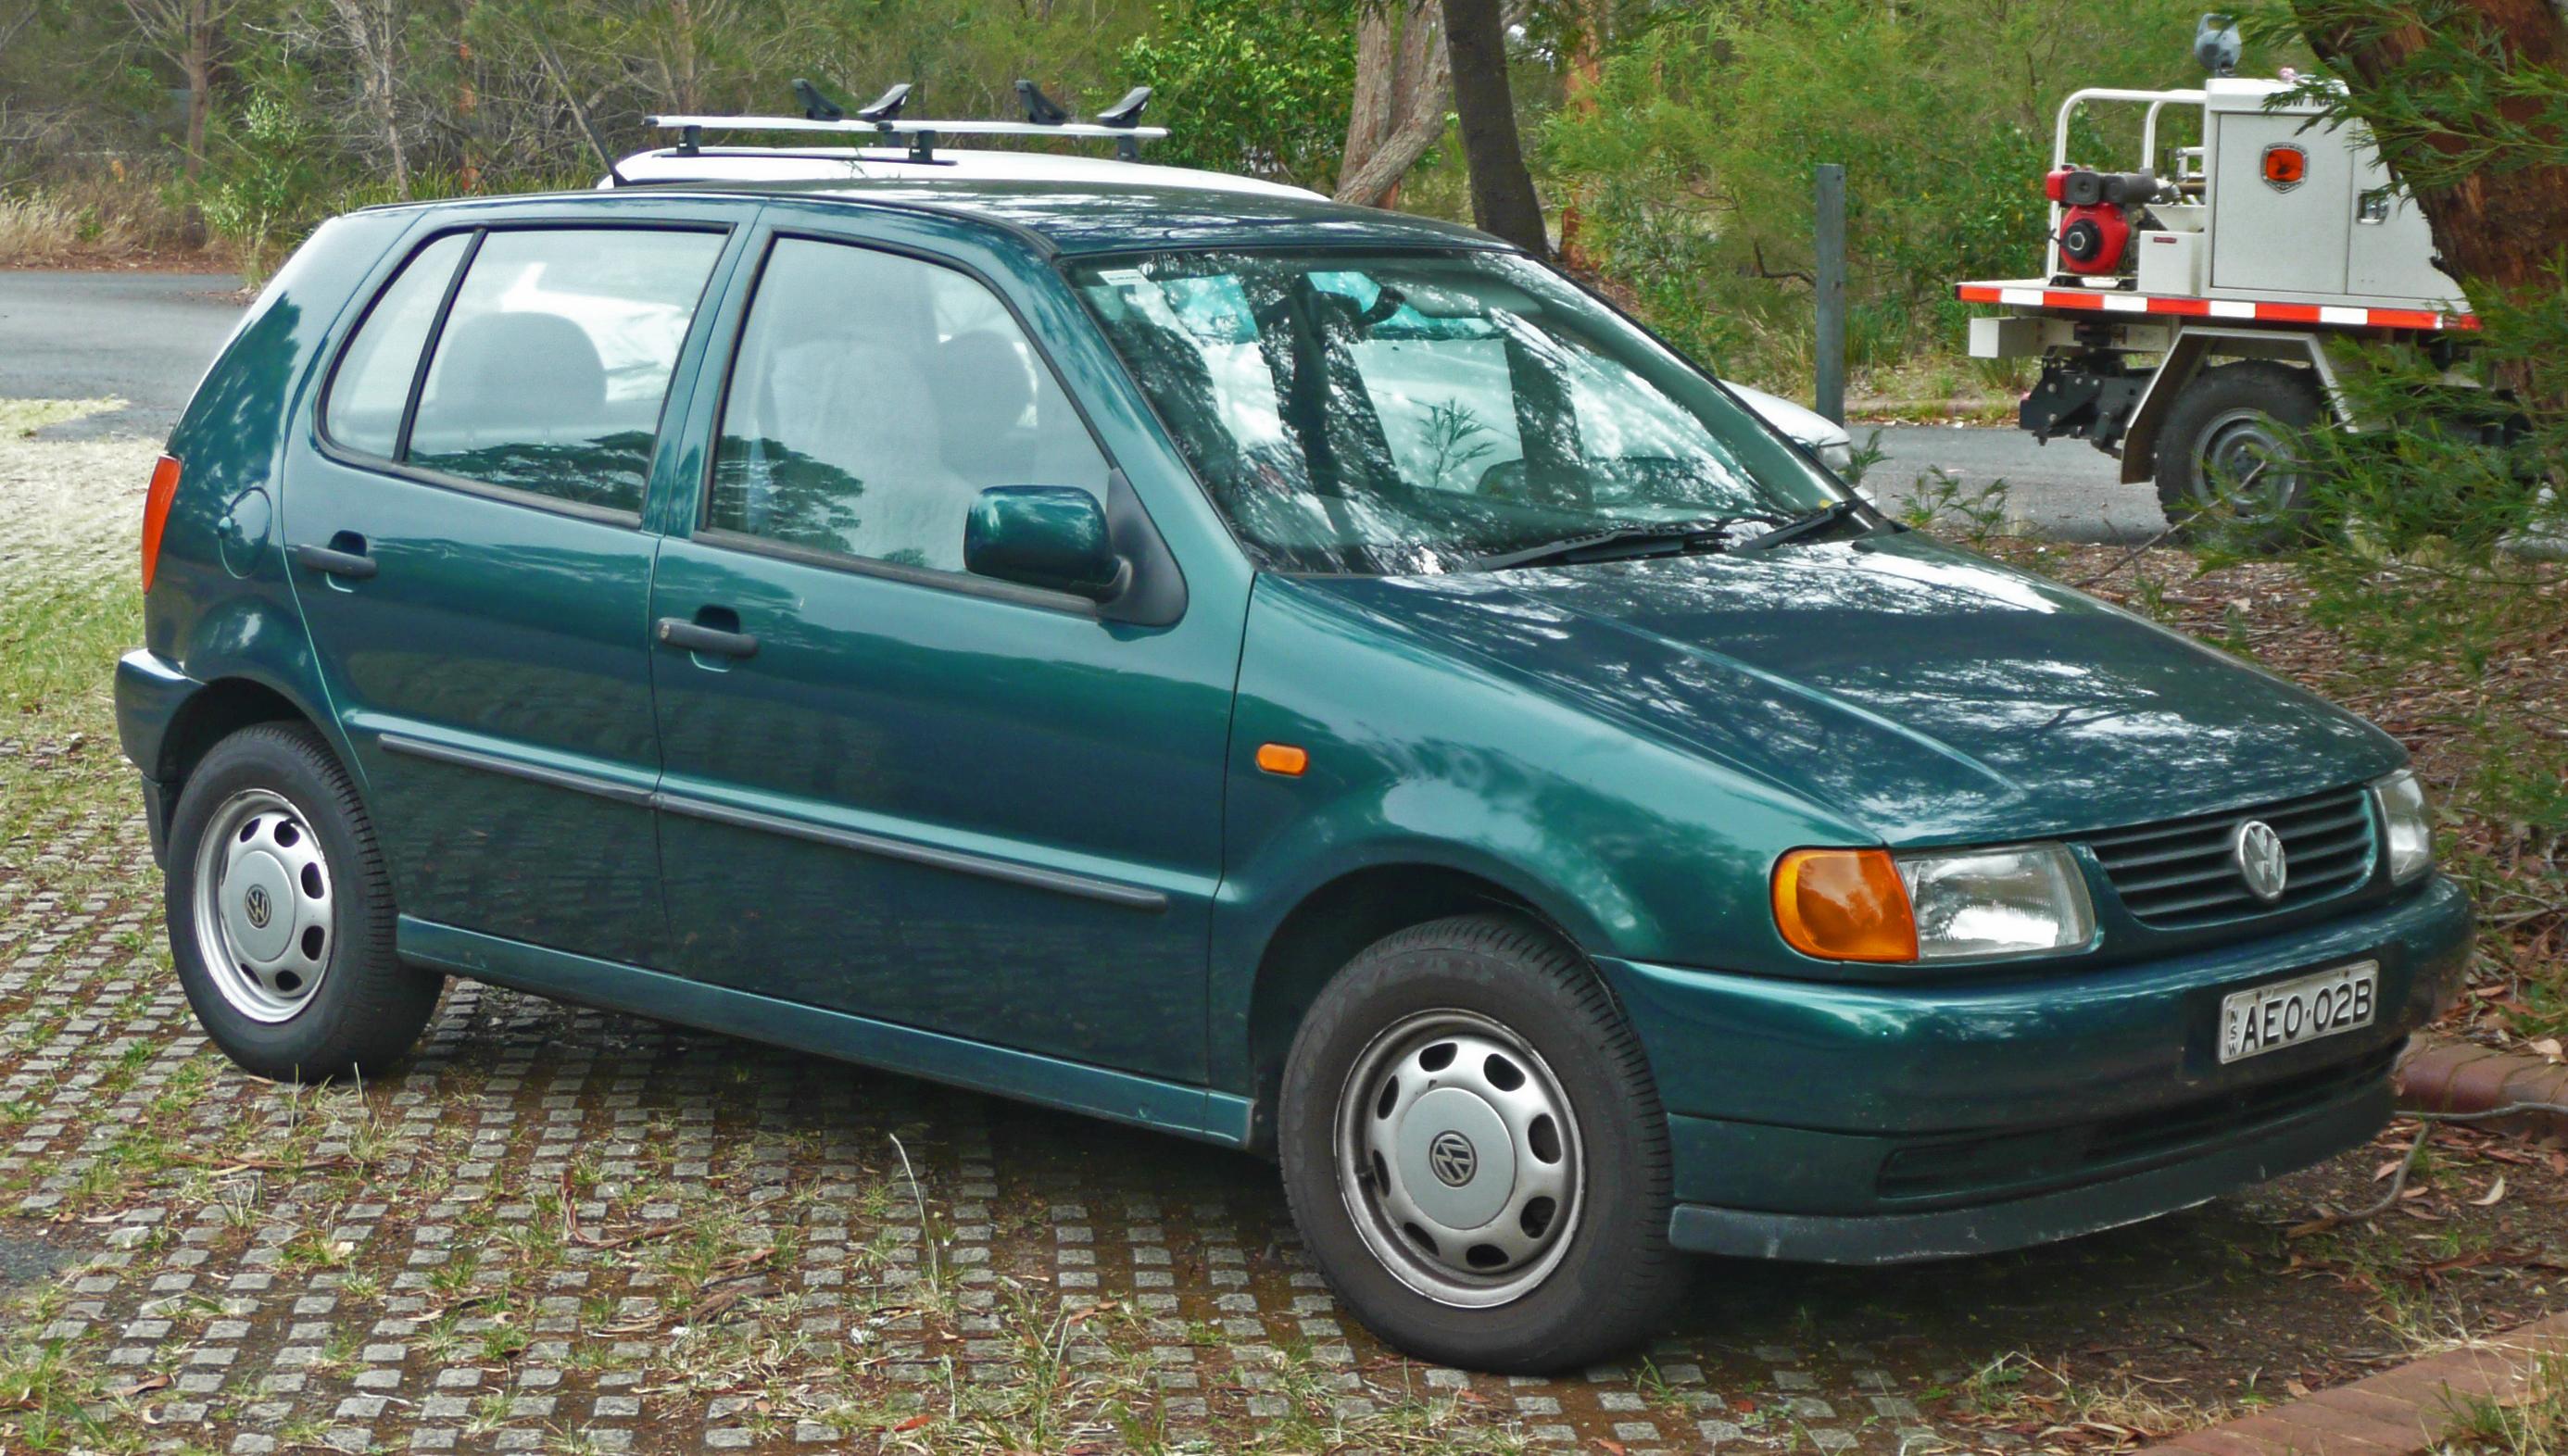 Фольксваген поло 1996 фото